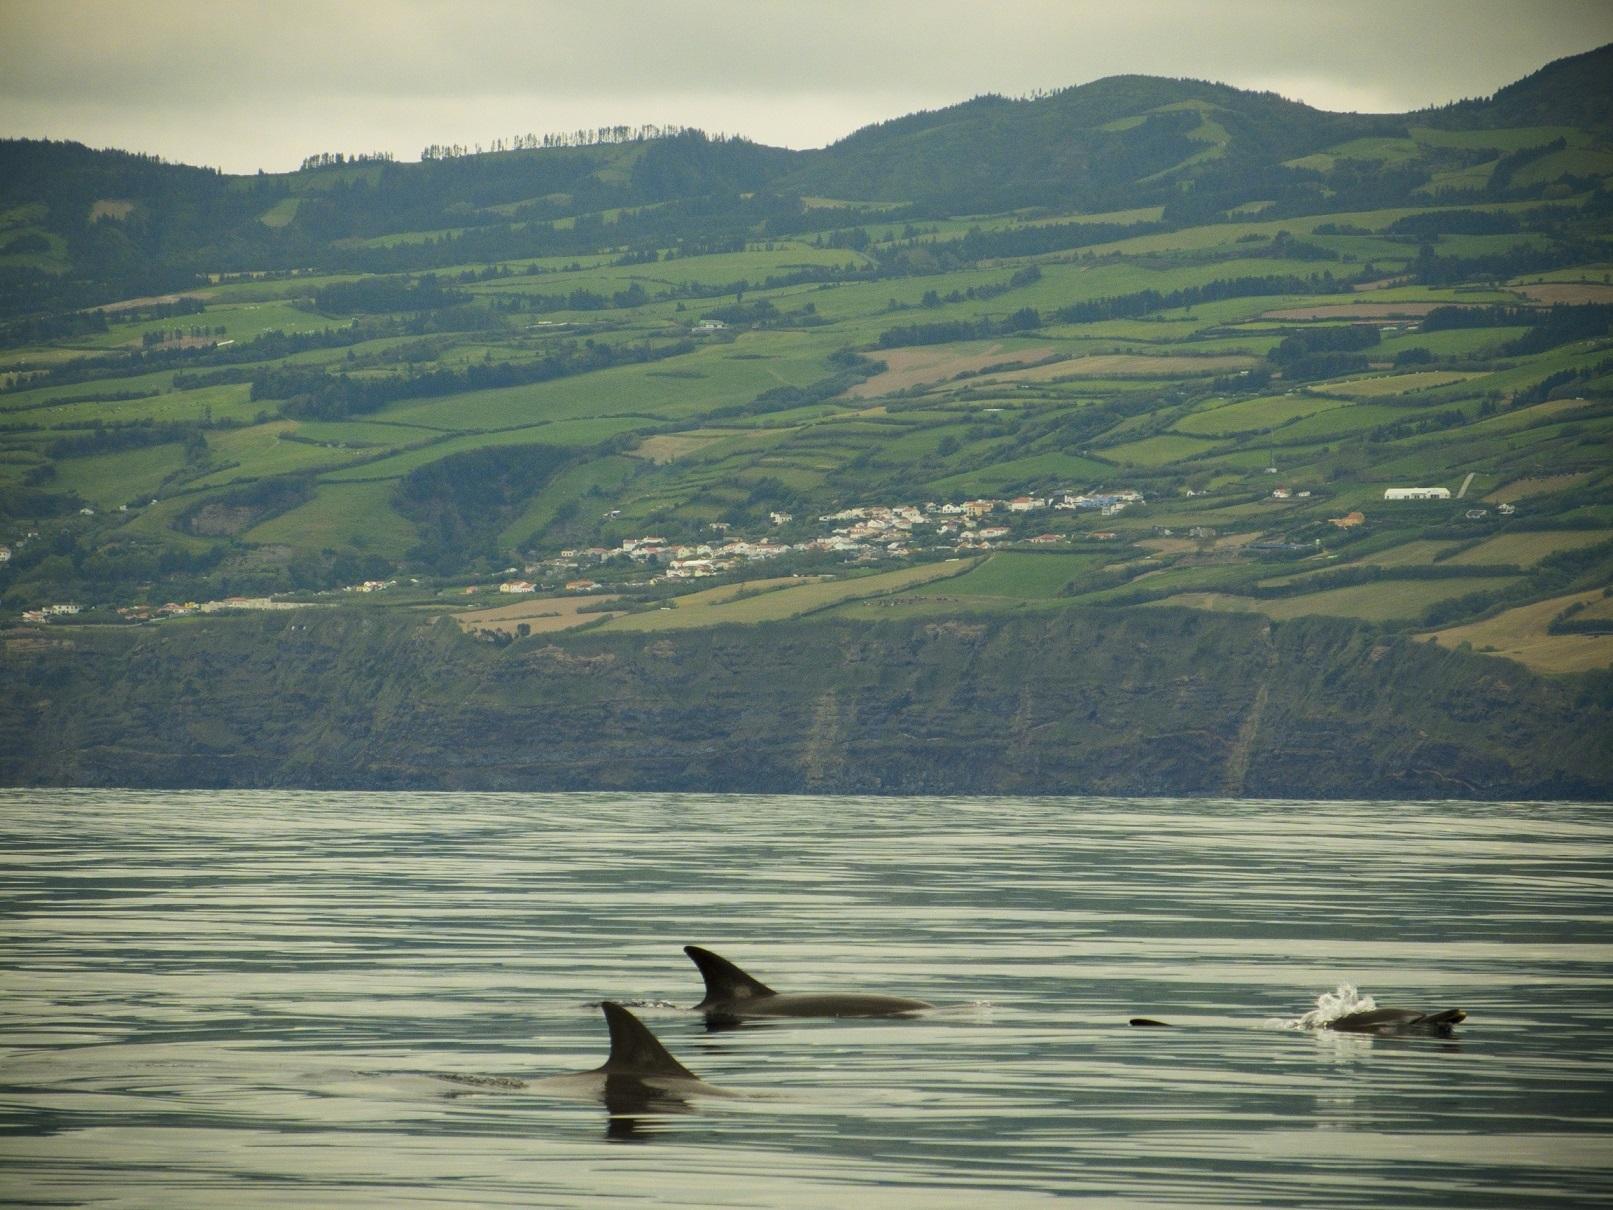 Meerdere populaties walvissen en dolfijnen vertoeven het hele jaar door in de warme wateren van de Azoren